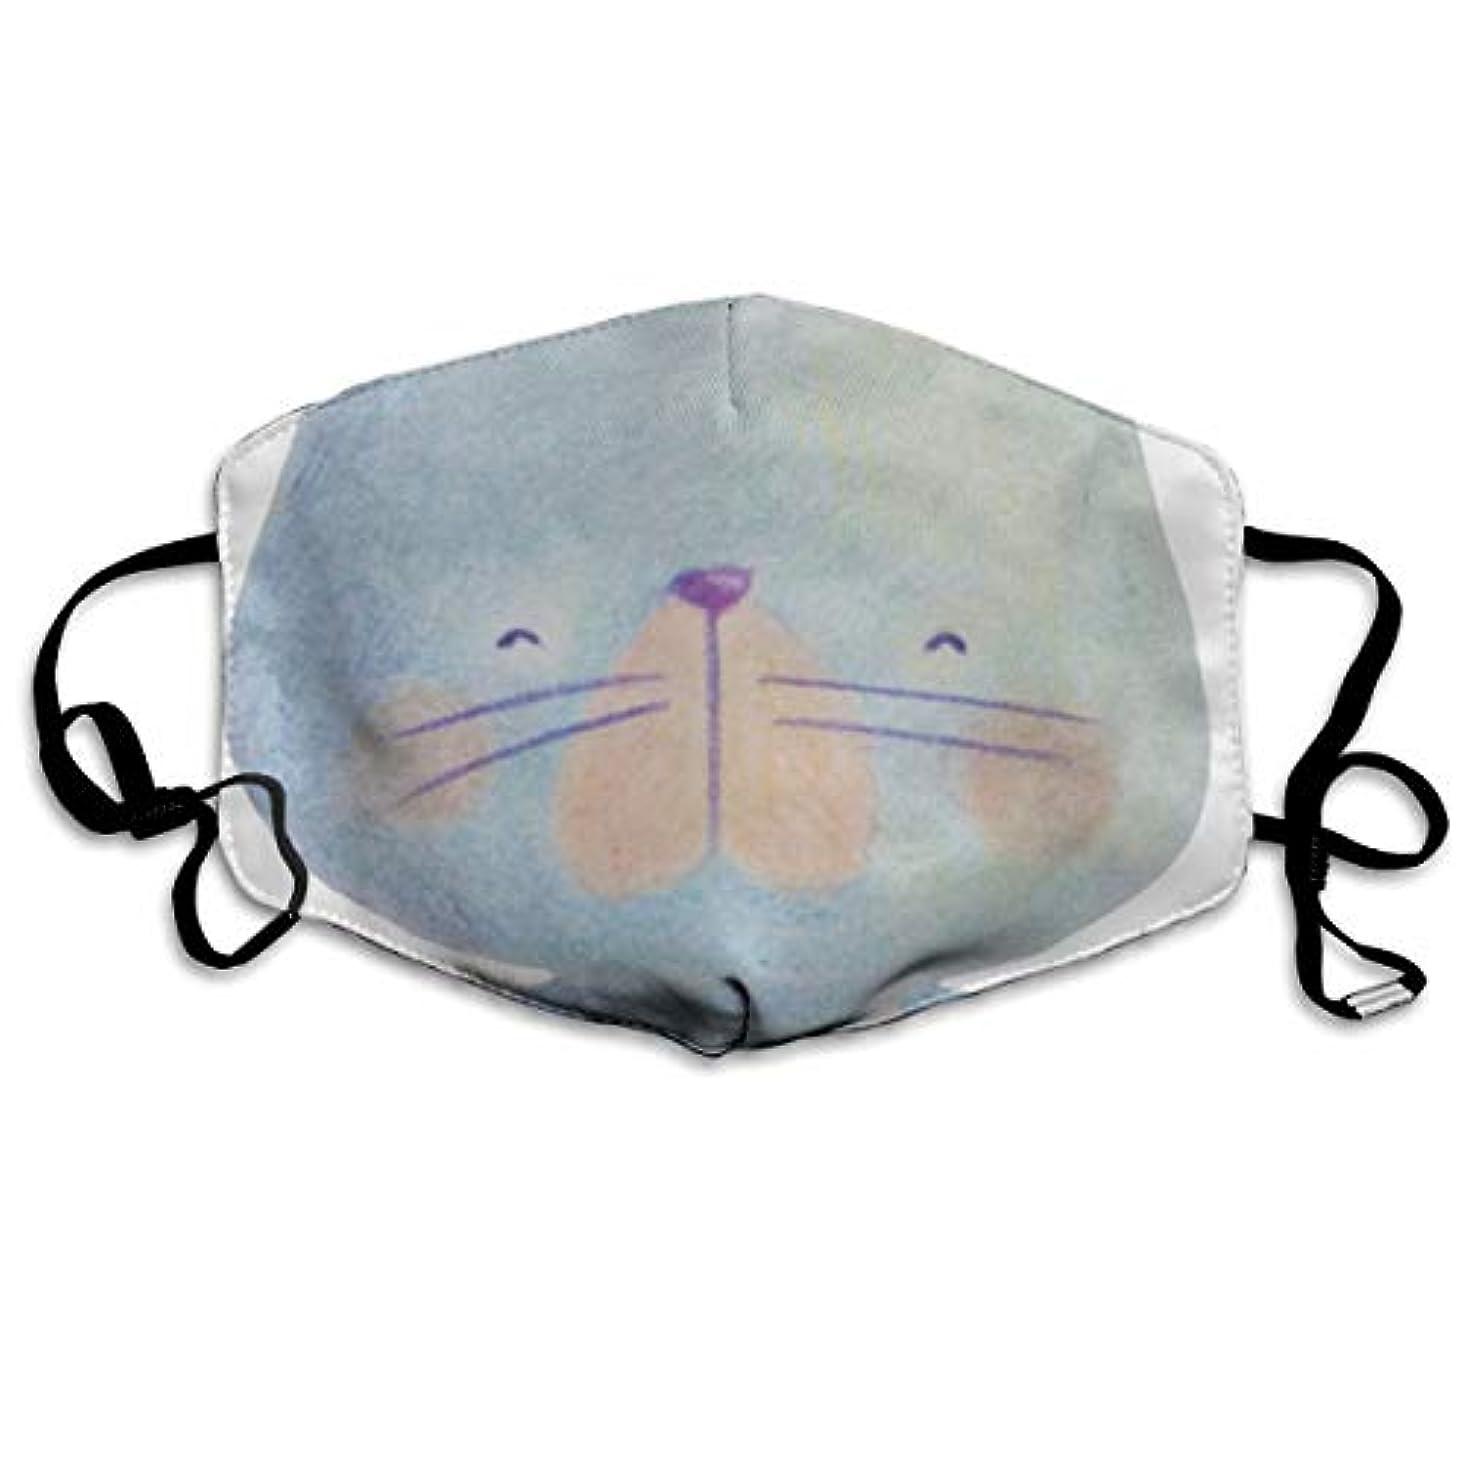 ペイン見せます召喚する一の楽 マスク夏用 風邪 花粉症対策 繰り返し使用可能 洗える おしゃれ 男女兼用 猫 バレリーナ